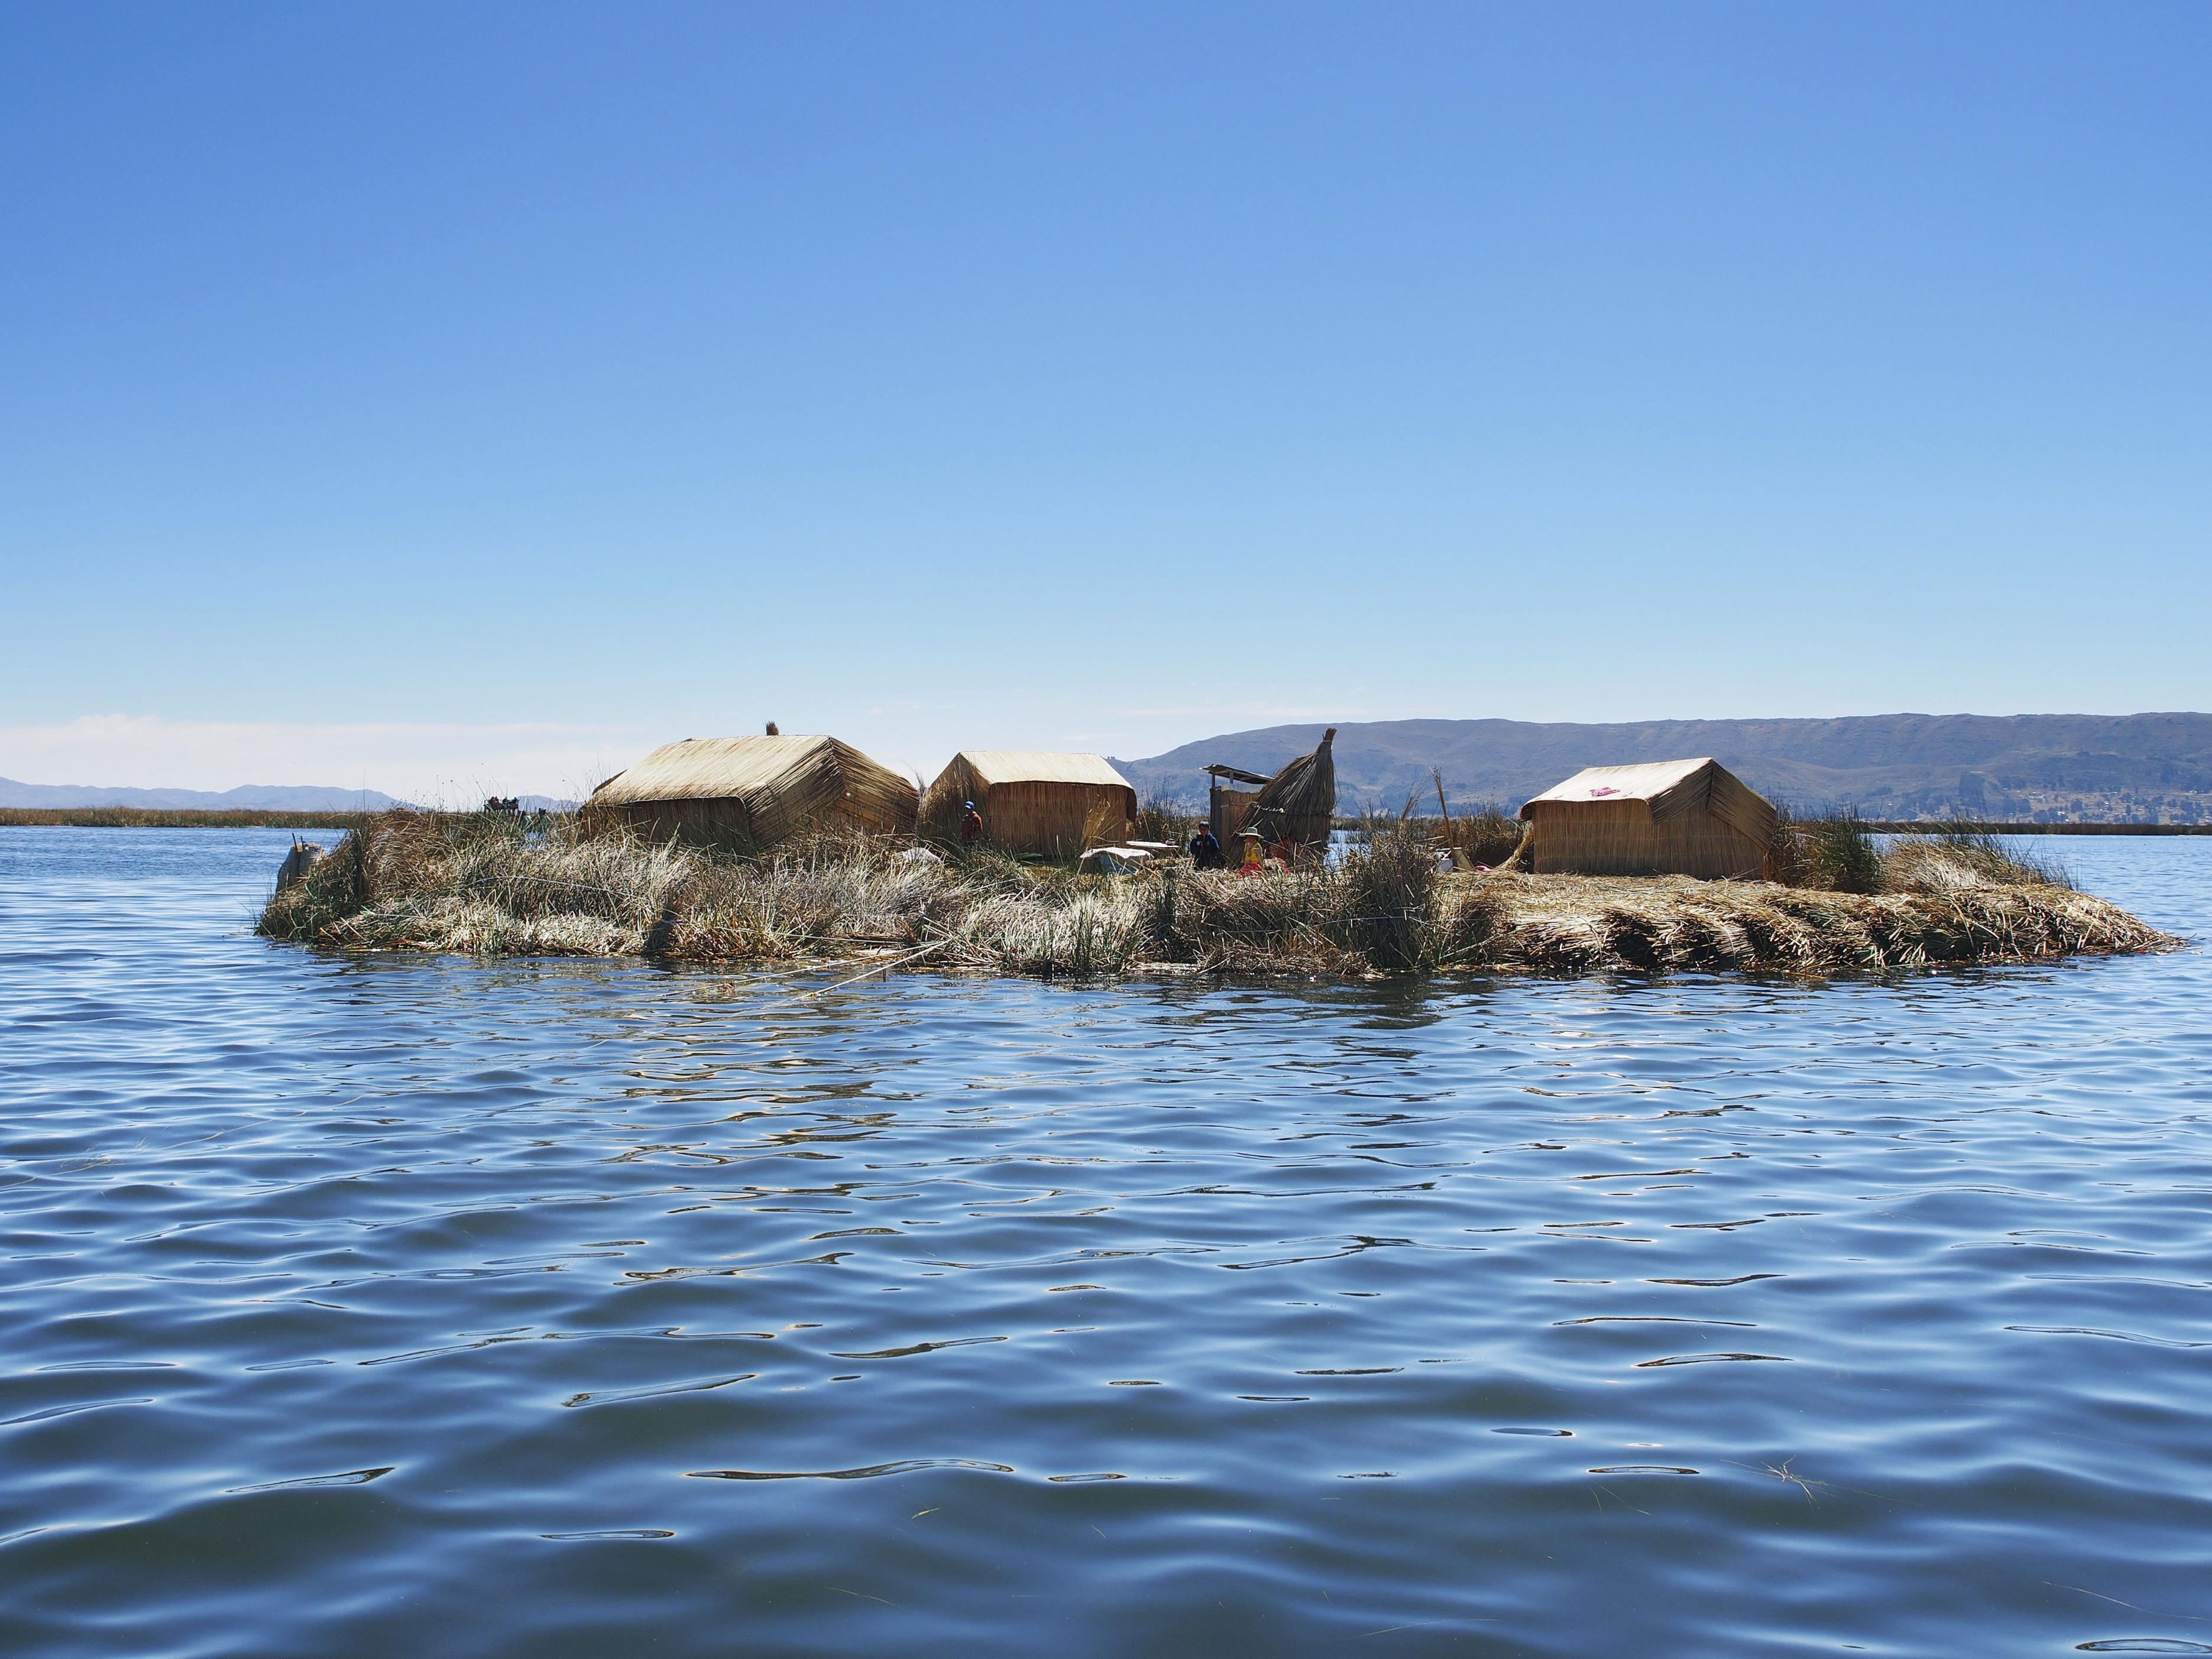 ペルー南部ティティカカ湖に浮かぶウロス諸島。植物トトラを重ね合わせ、1年以上かけて作られた浮島は半世紀近くもつという=8月(共同)